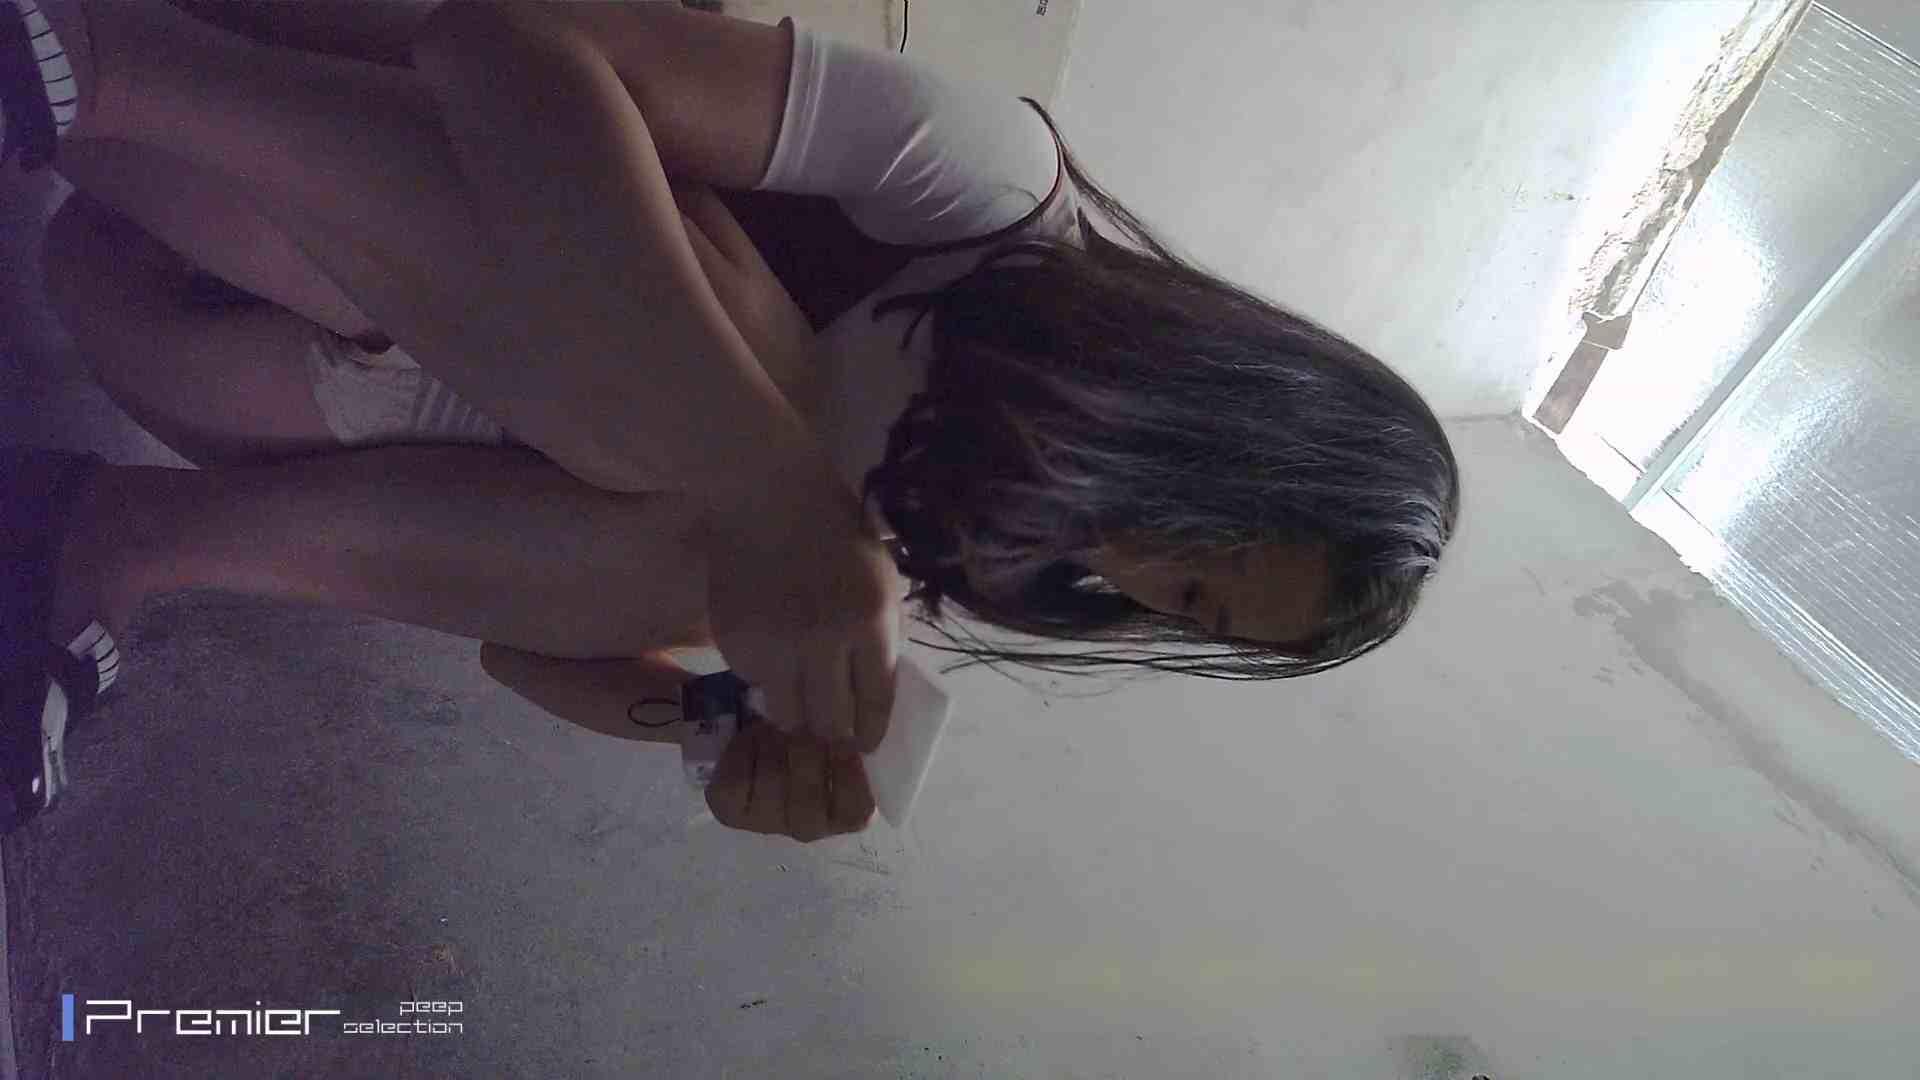 トイレシーンを密着盗撮!! 美女の痴態に密着!Vol.22 トイレで・・・ ワレメ無修正動画無料 104画像 86